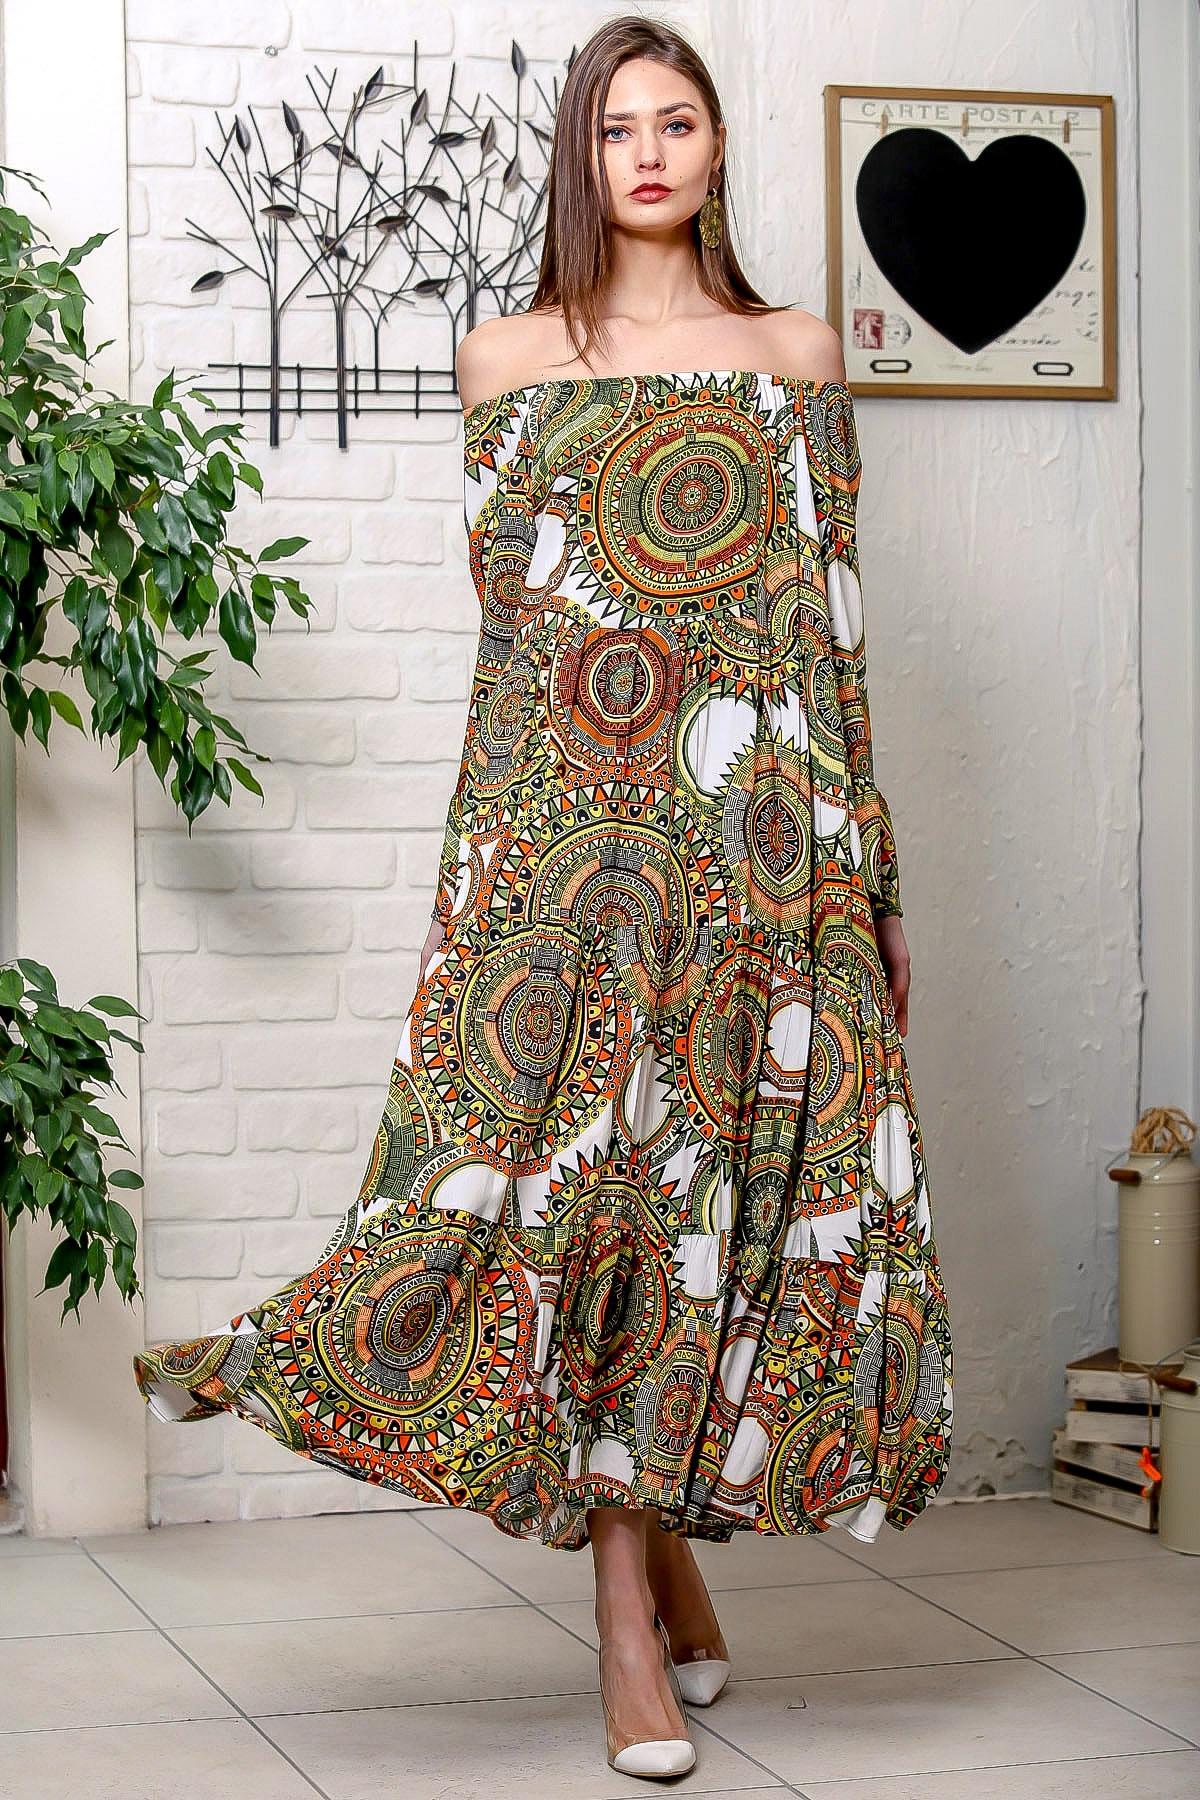 Chiccy Kadın Yeşil-Beyaz Carmen Yaka Geometrik Desenli Kol Ucu Volanlı Salaş Dokuma Elbise M10160000EL95906 0